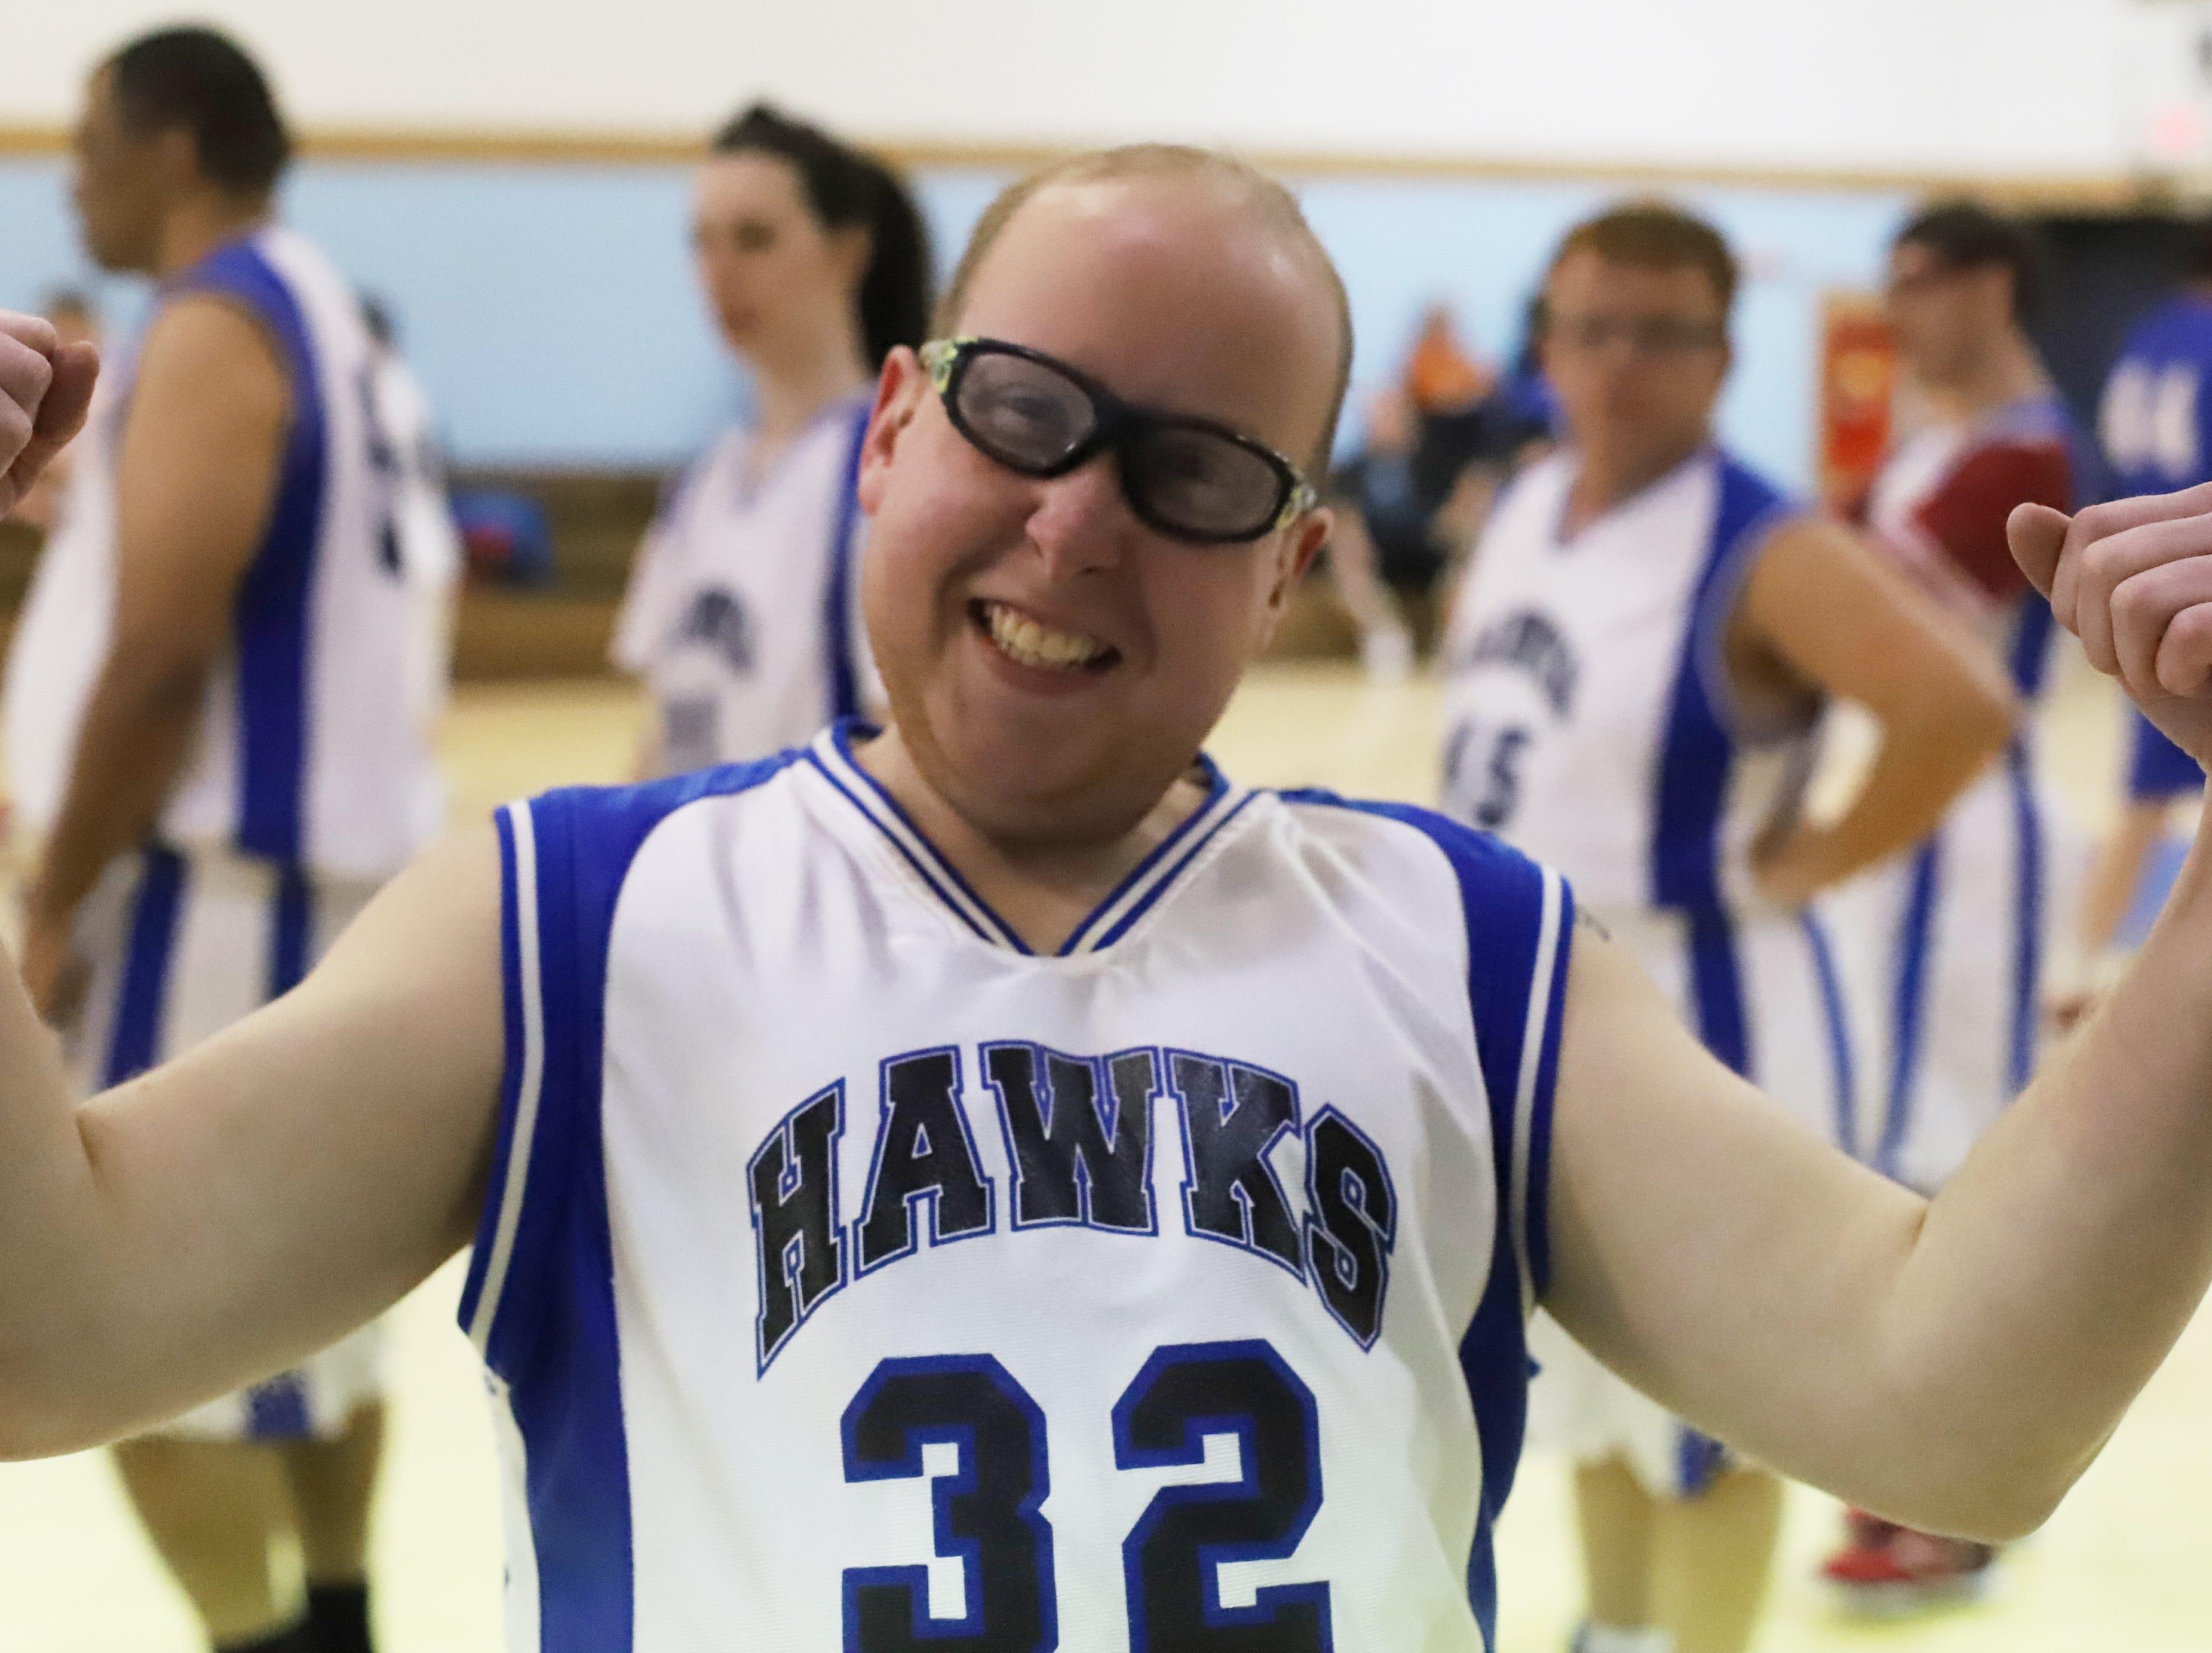 Varrick Glaze, on the Marion County Hawks basketball team.